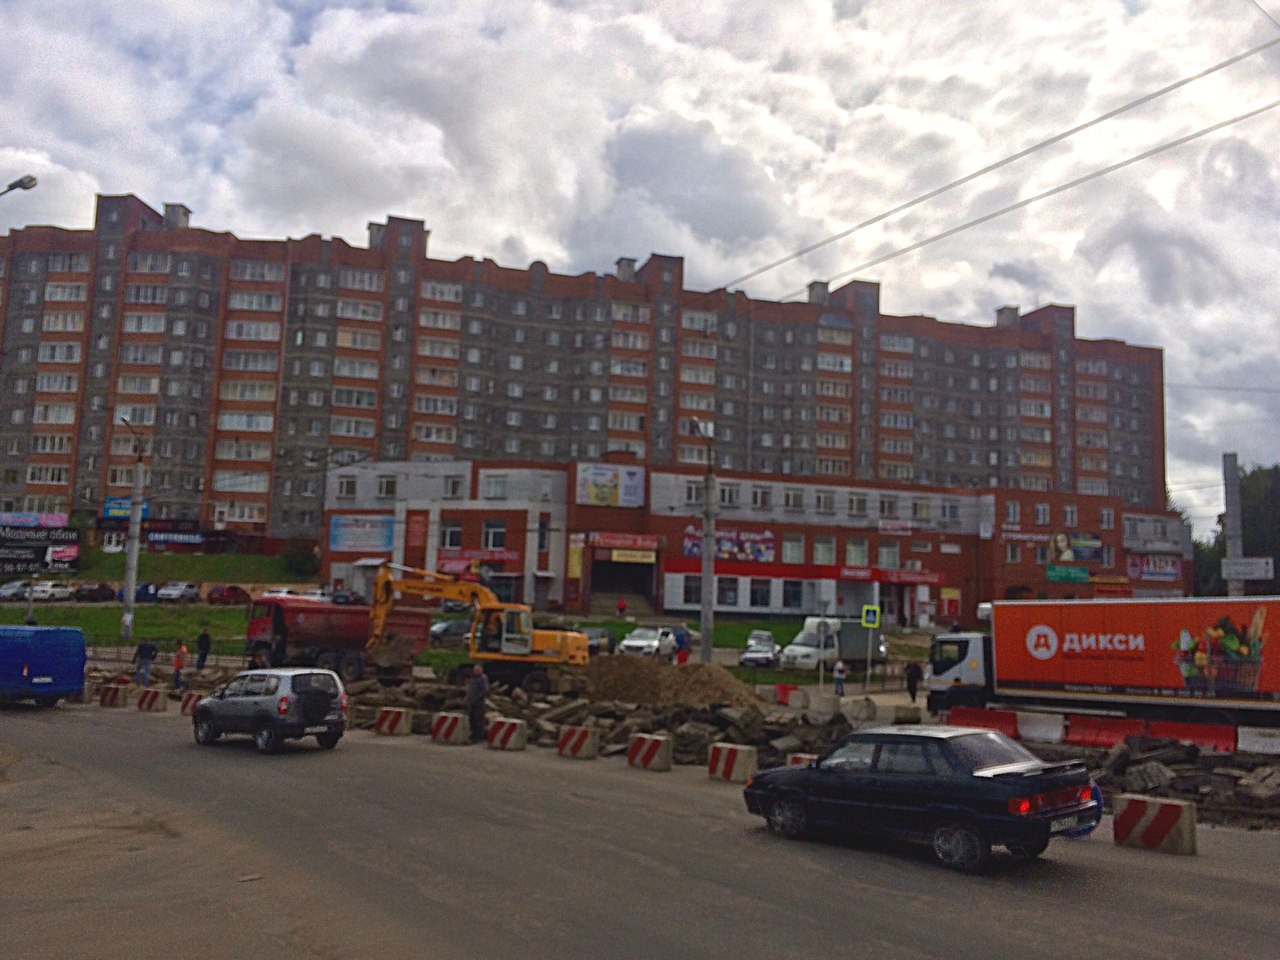 В Смоленске на Киселевке могут сделать выделенную полосу для автобусов